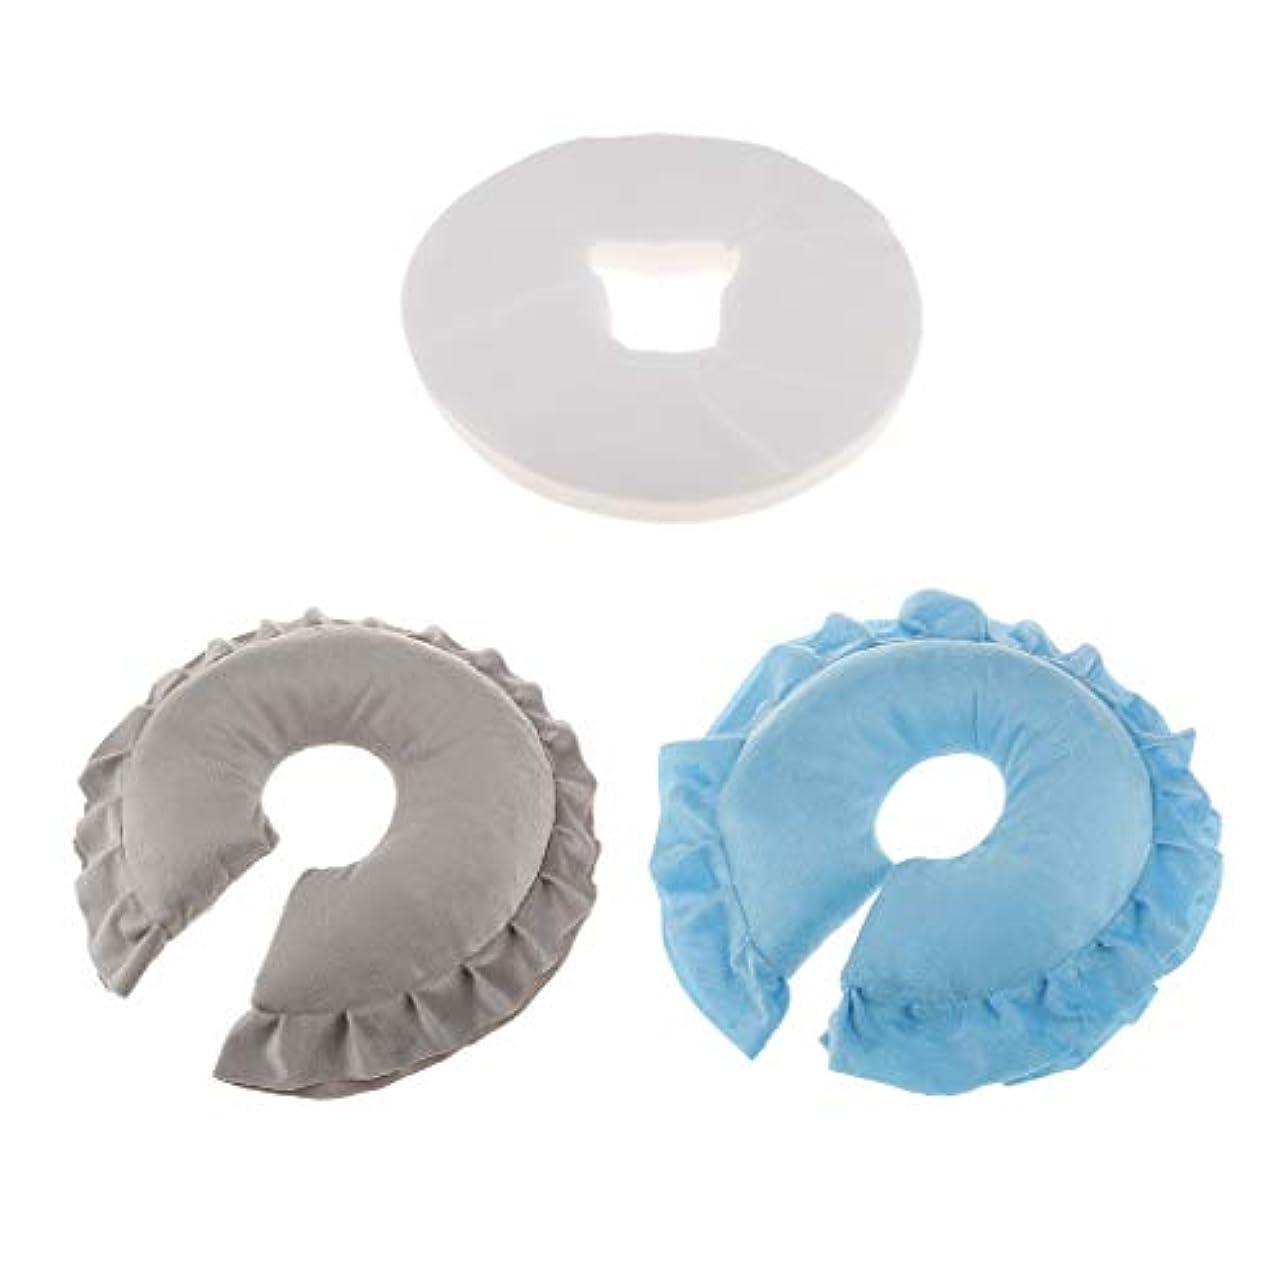 オゾントランペット豊かにするdailymall 2x美容院のマッサージの顔の揺りかごの枕+100の使い捨て可能なクッションカバー